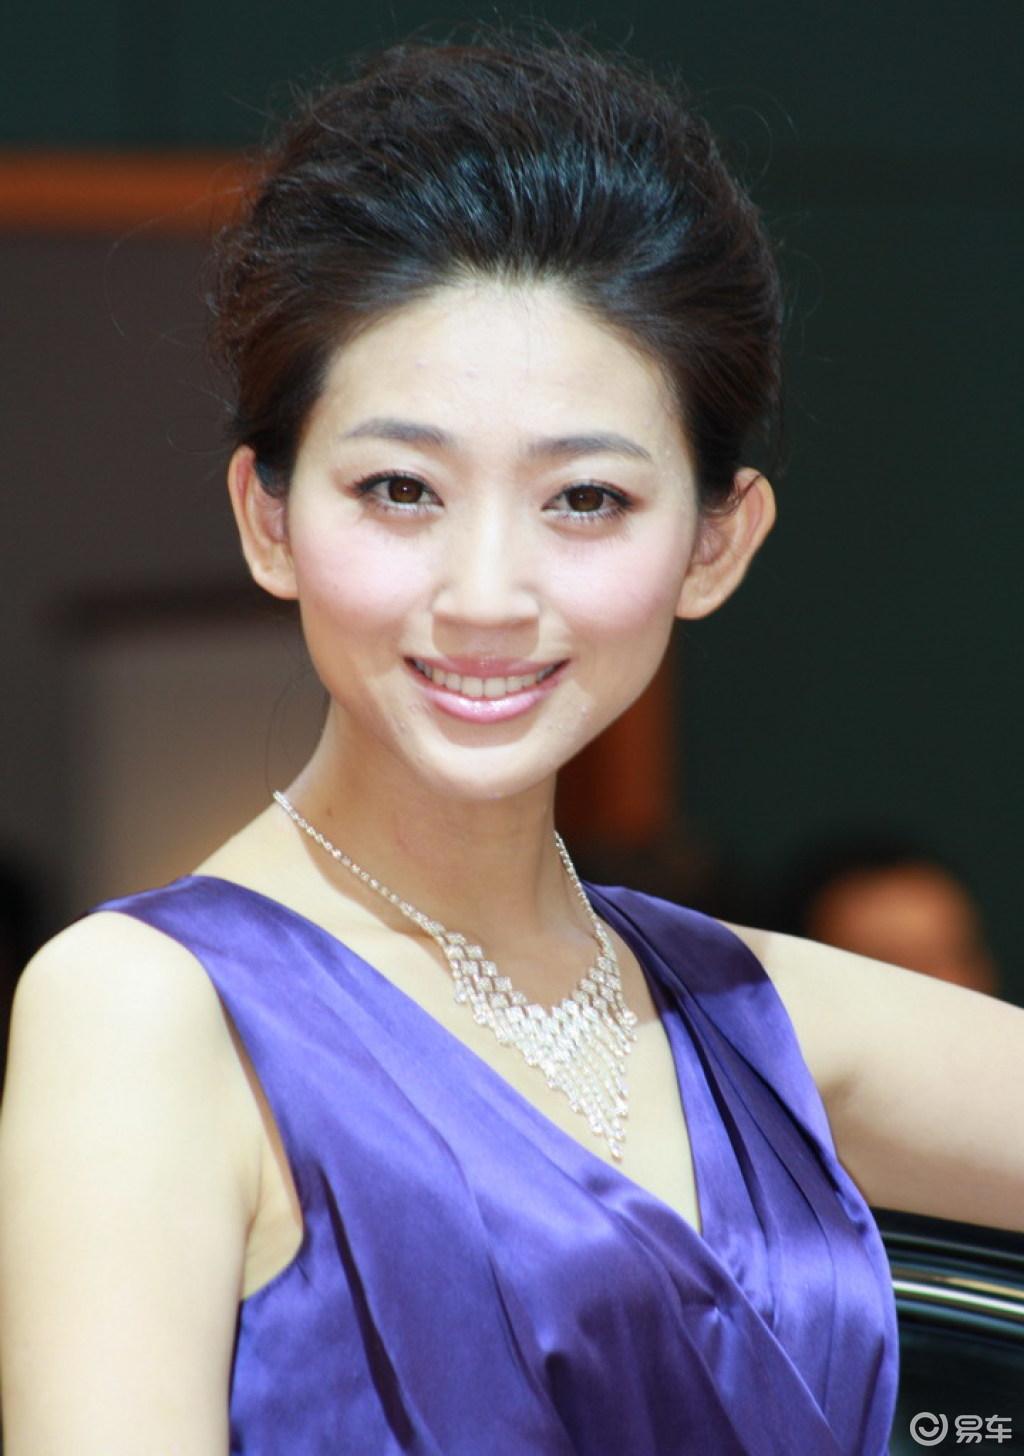 上海气质美女生活照